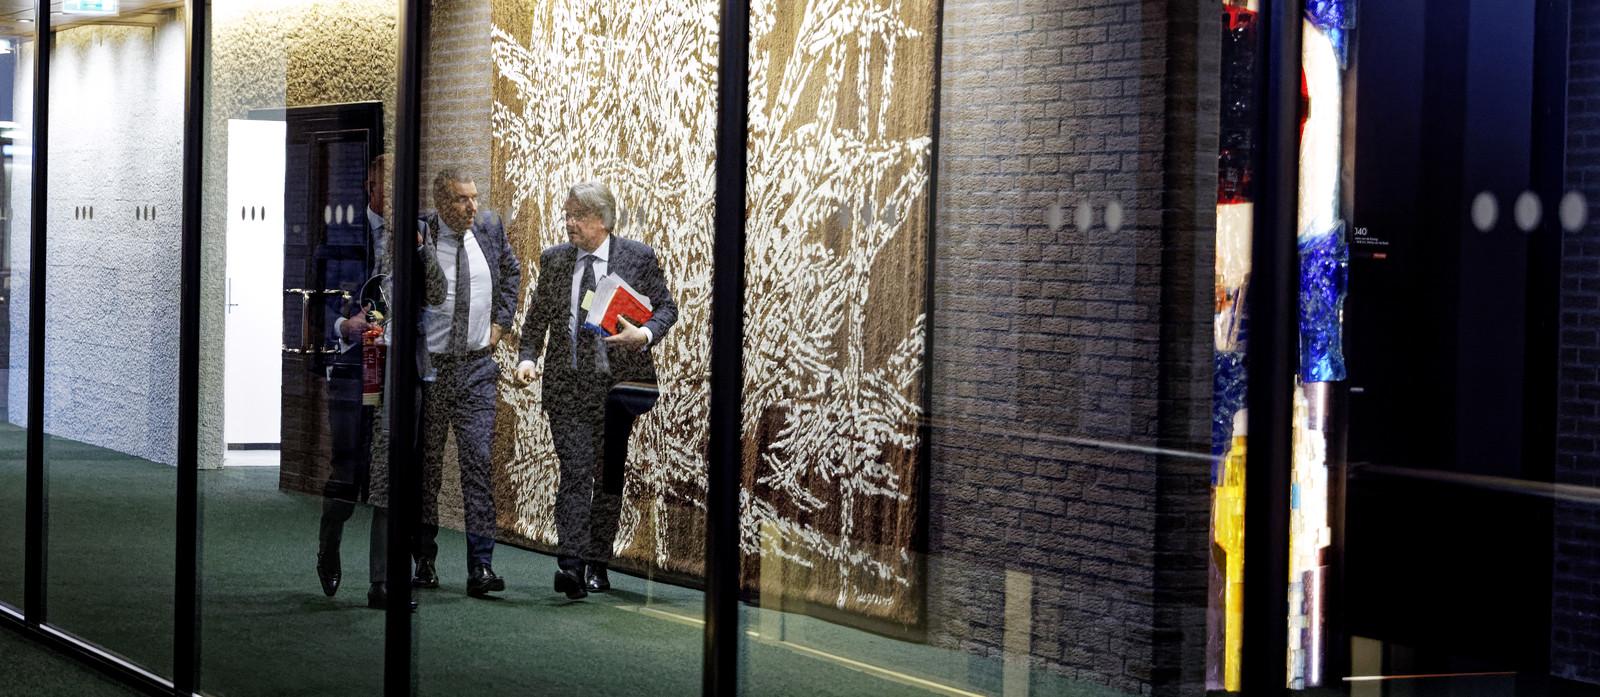 Commissaris van de Koning, Wim van de Donk, pendelde vrijdagavond geregeld tussen de kamer met wethouders en fractievoorzitters van Haaren en de kamer met burgemeester Zwijnenburg.